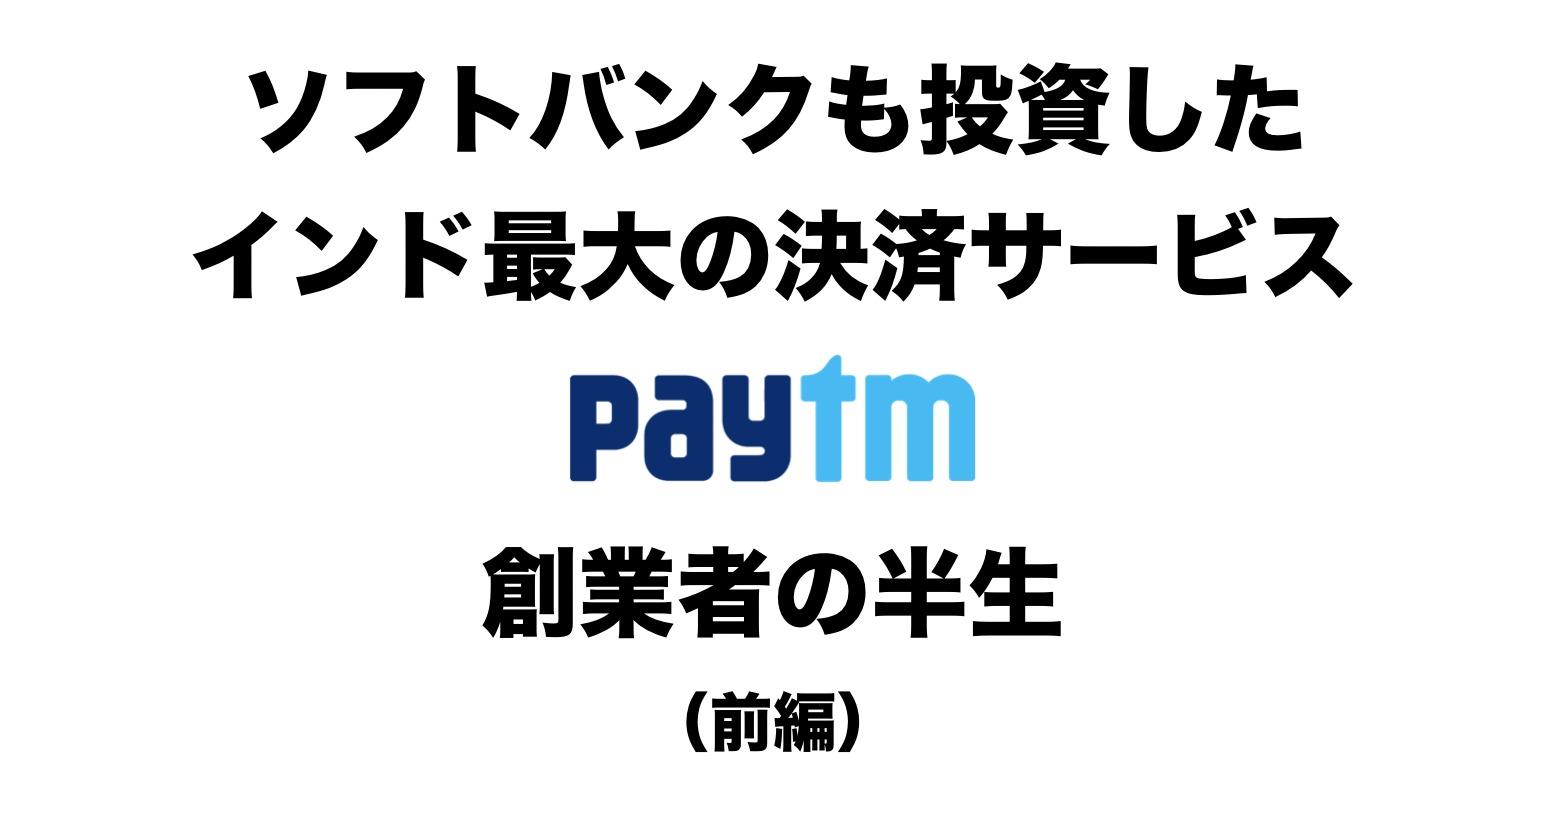 インド3億人が利用!ソフトバンクも投資した決済サービス「Paytm」ビジャイ・シャルマ(前編)